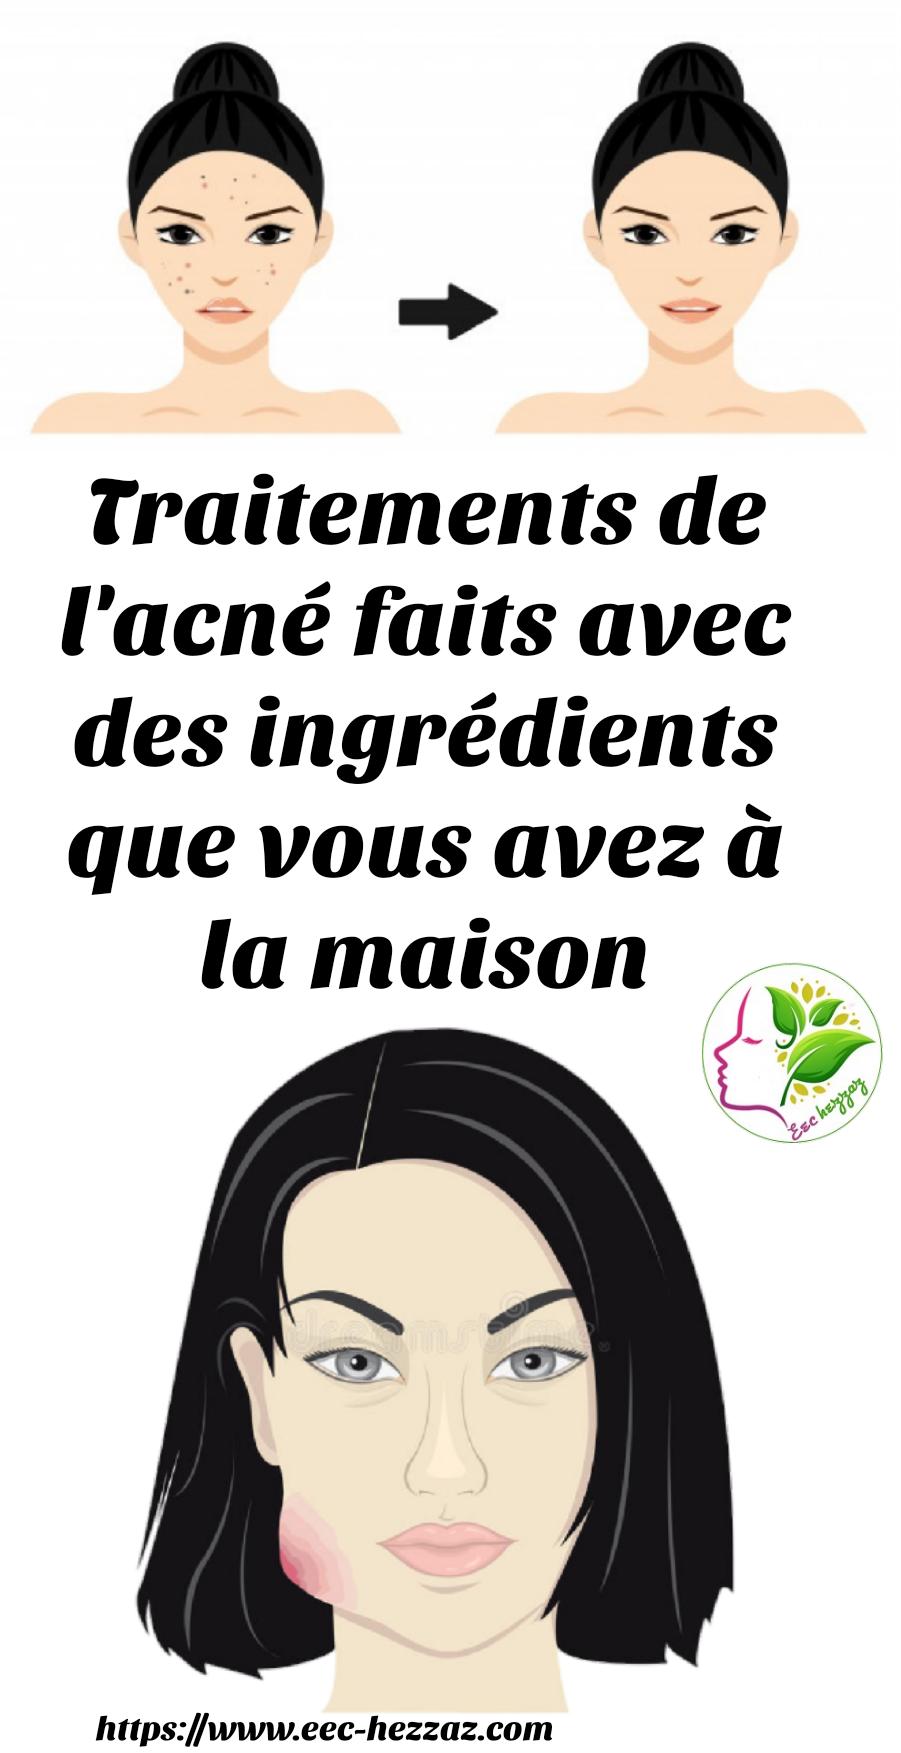 Traitements de l'acné faits avec des ingrédients que vous avez à la maison